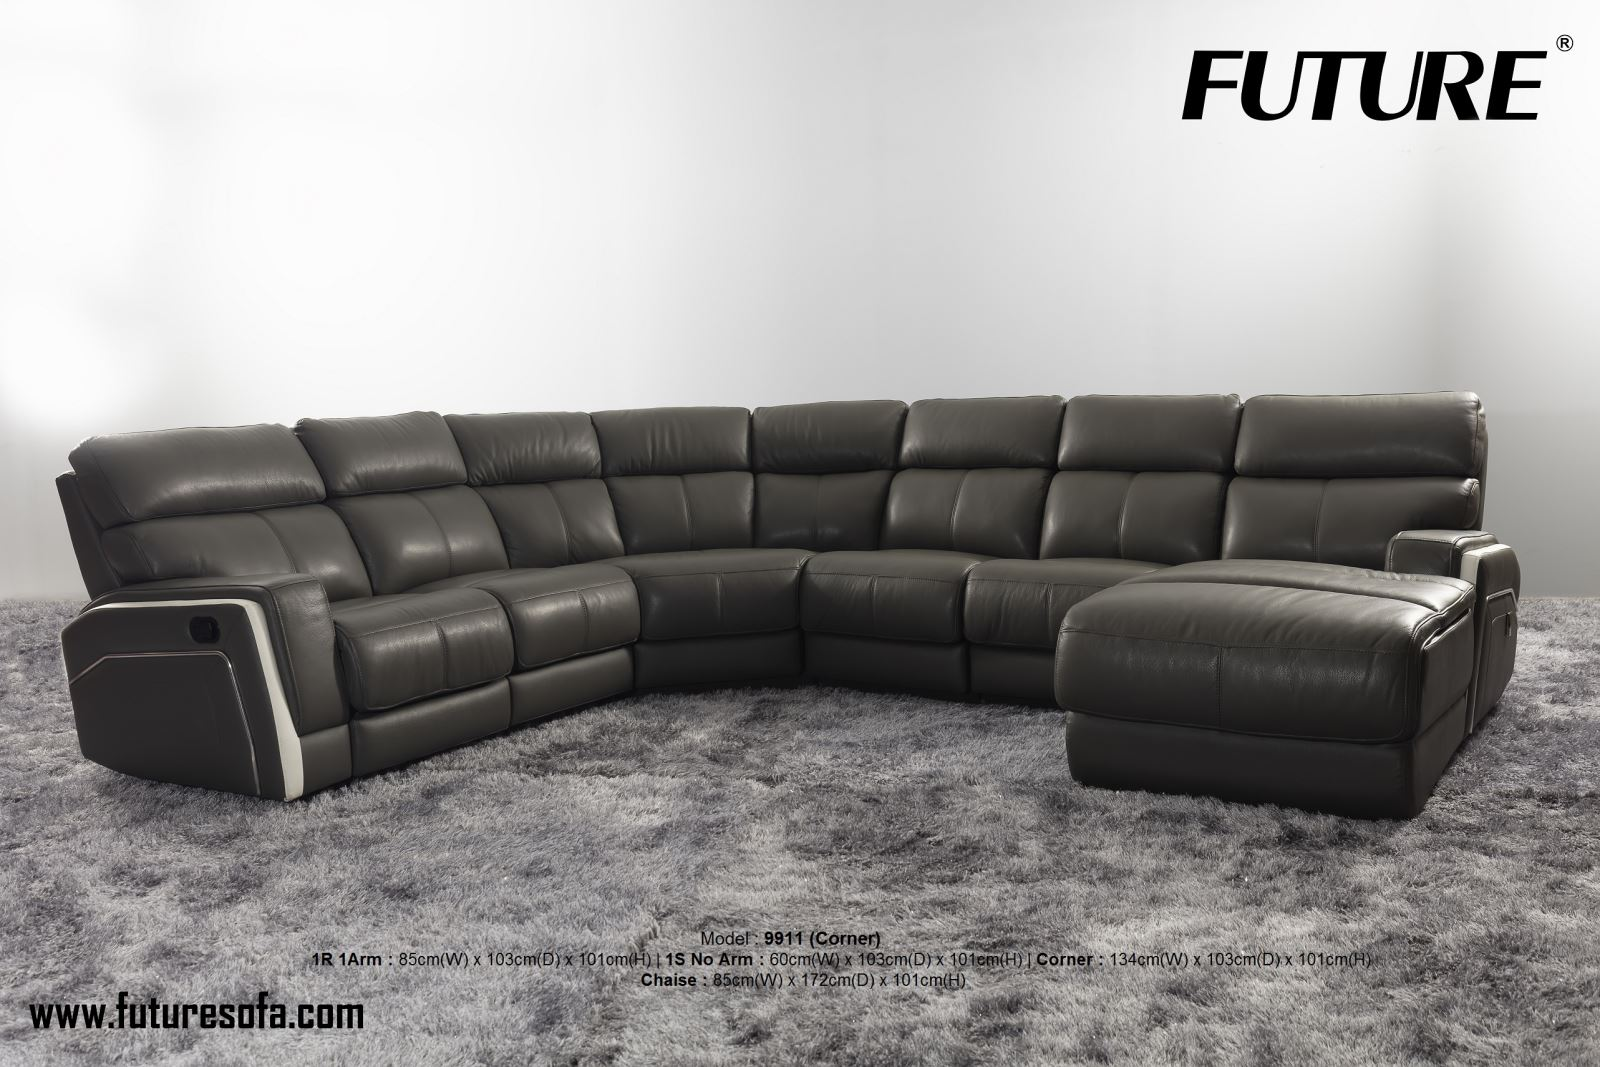 Những bộ sofa màu đen thường mang đến sự sang trọng